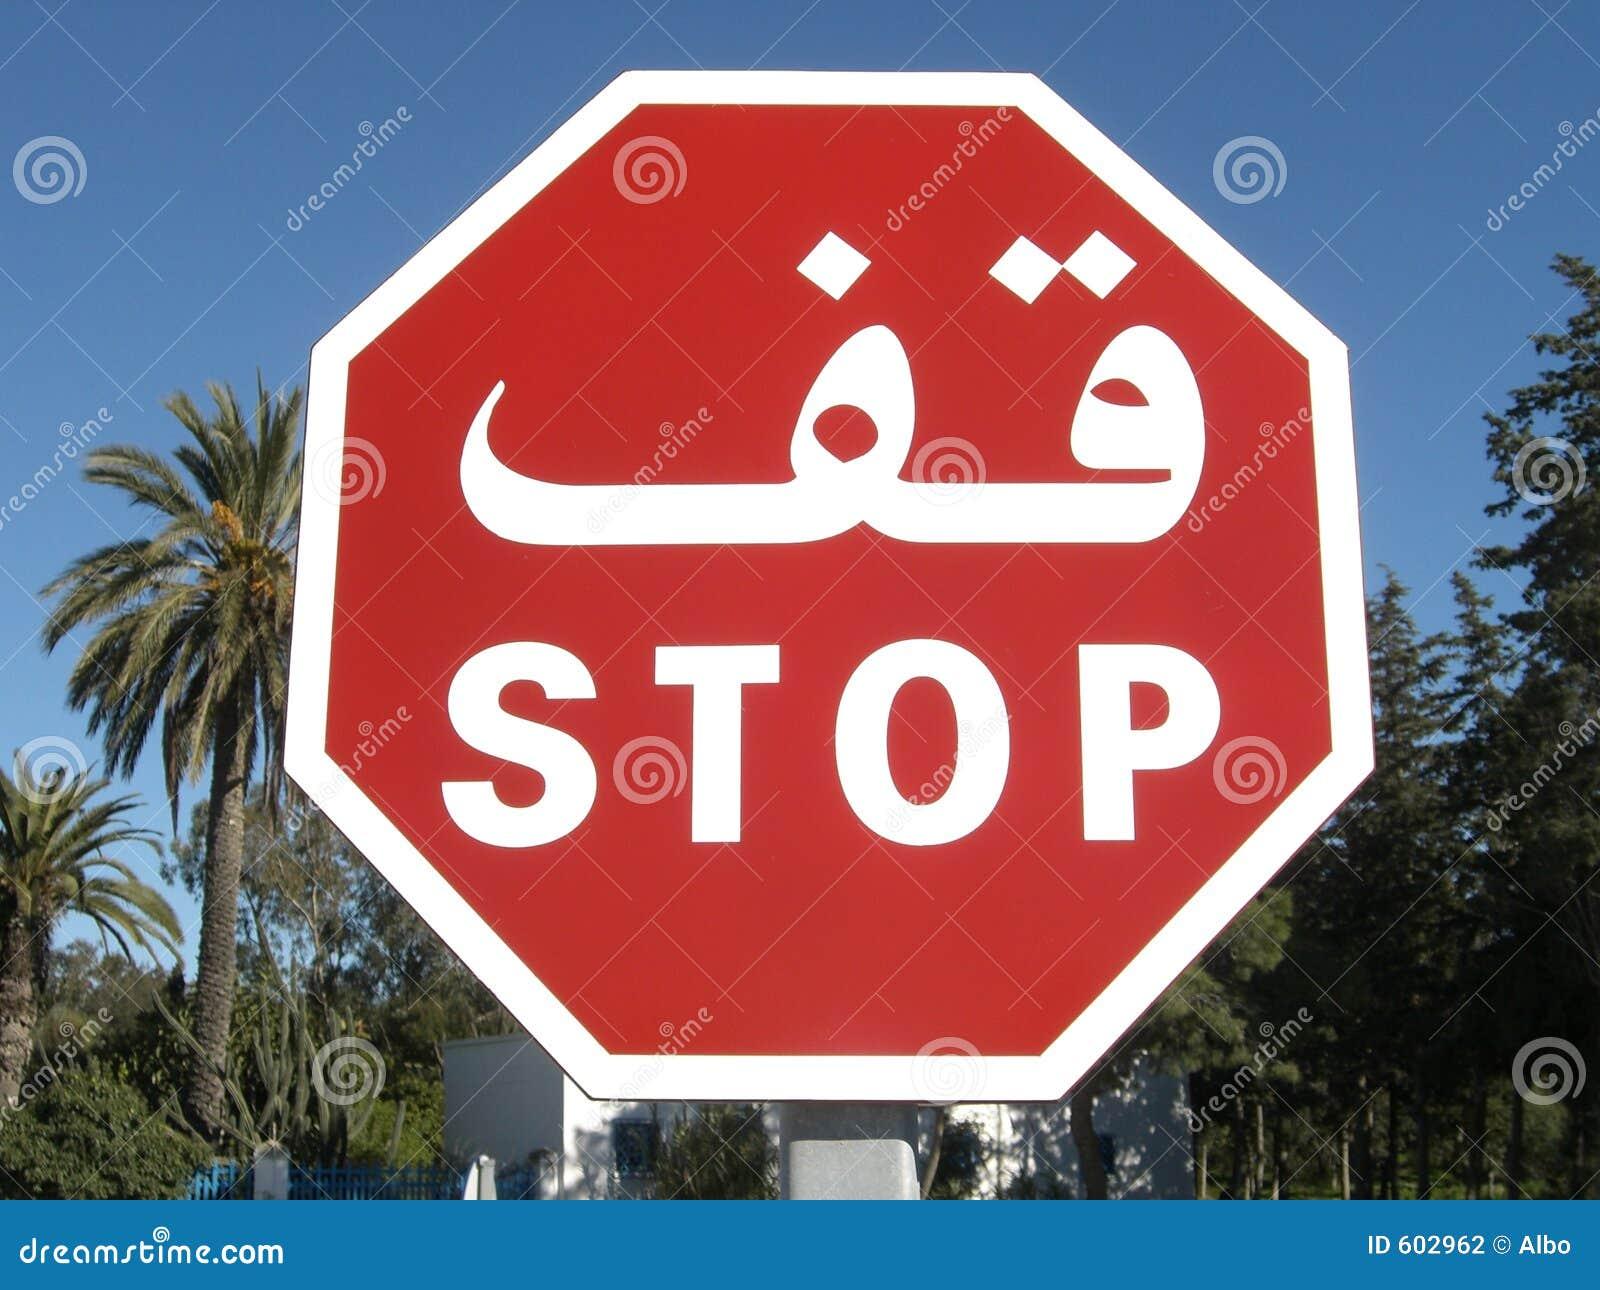 Arabisch eindesignaal